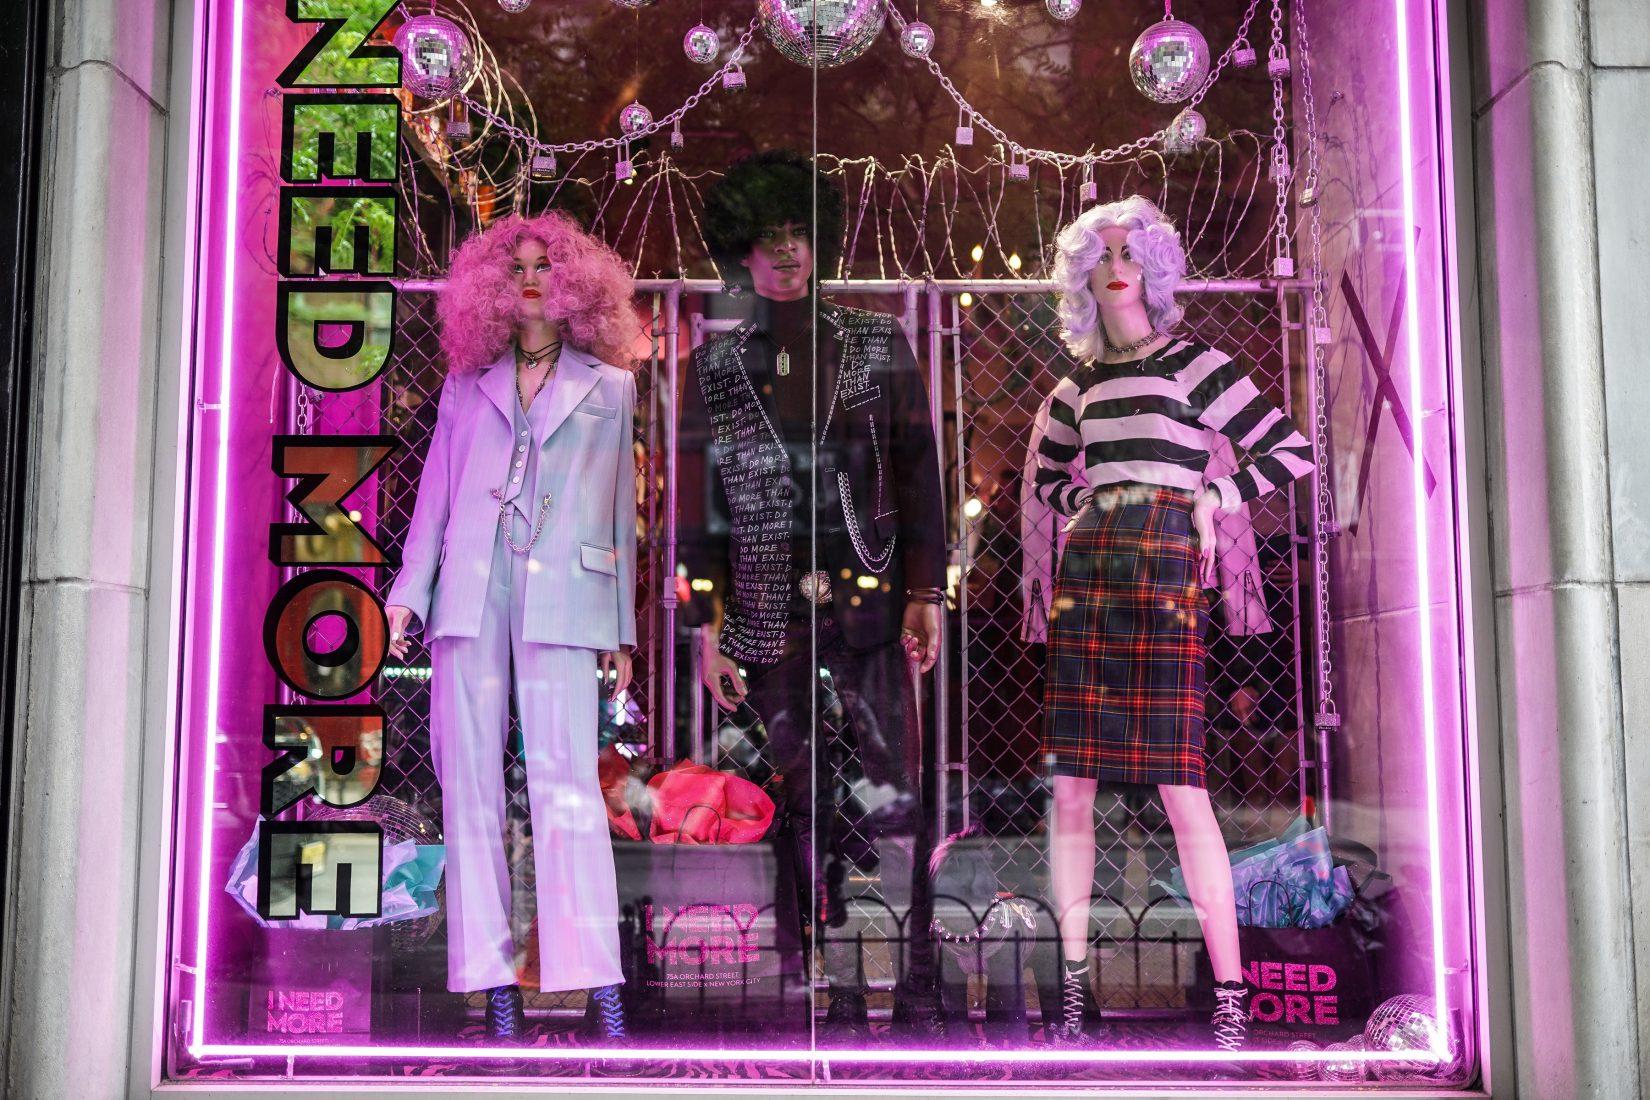 Mae McKagan x I NEED MORE Fashion Debut